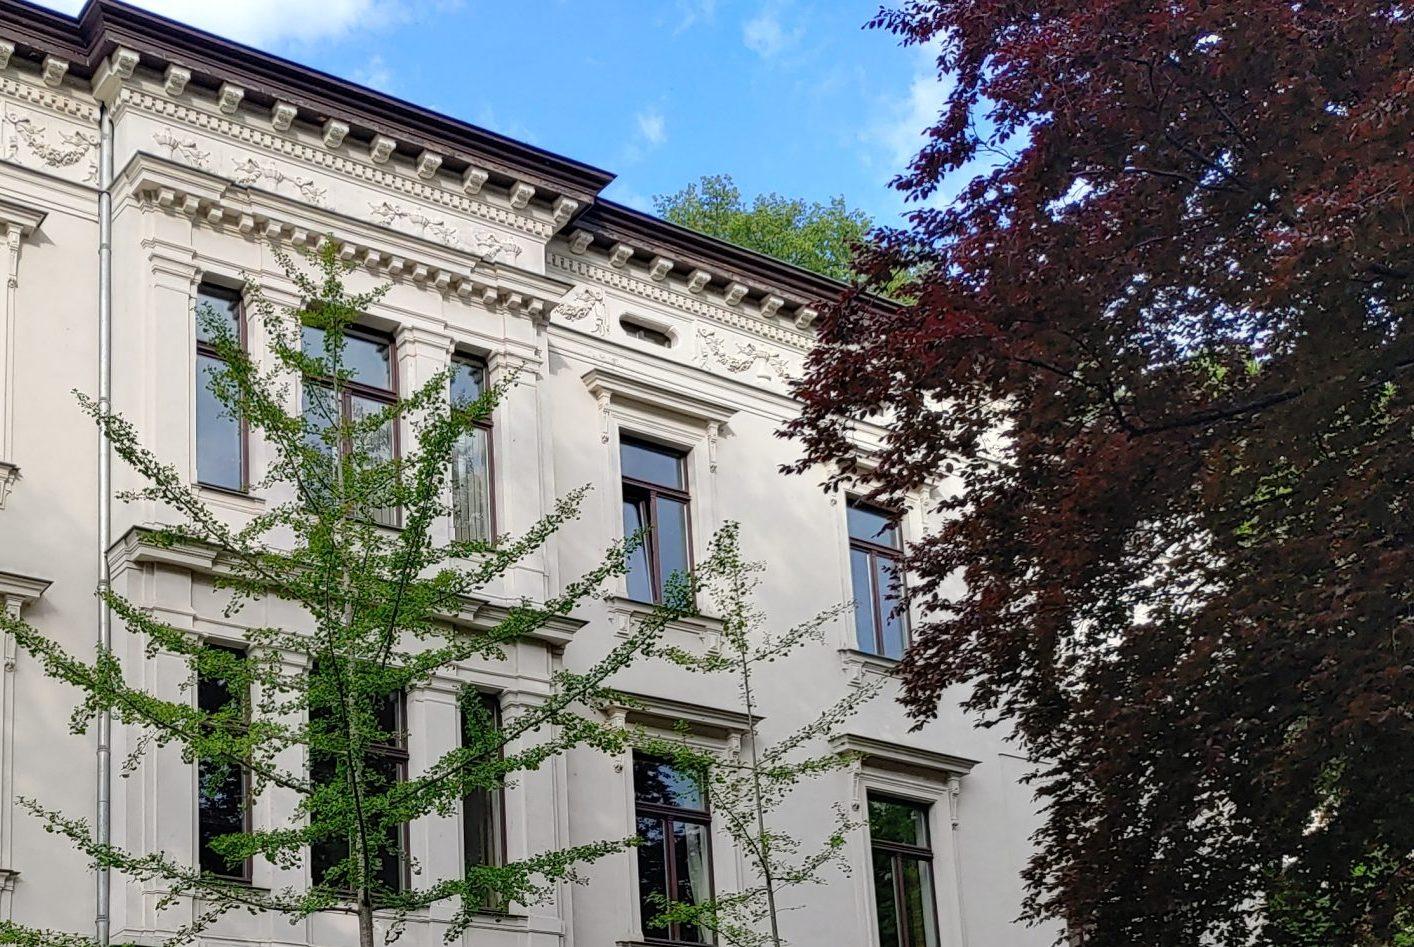 Villa vor blauem Himmel